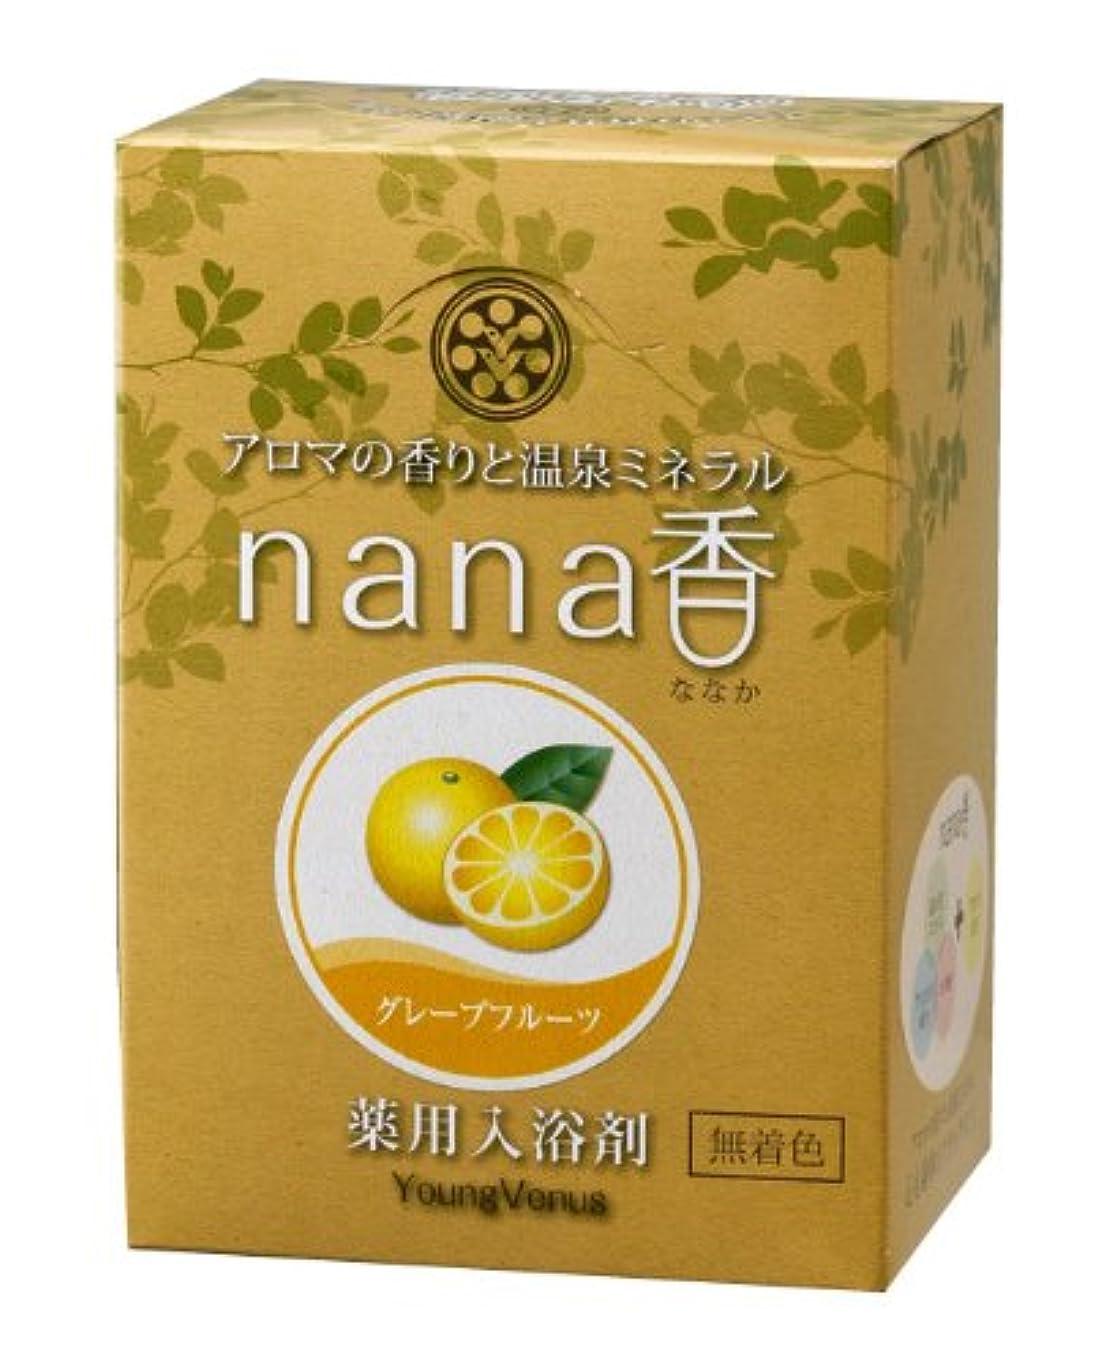 セッション眼確執nana香 03グレープフルーツ 60g5袋入り